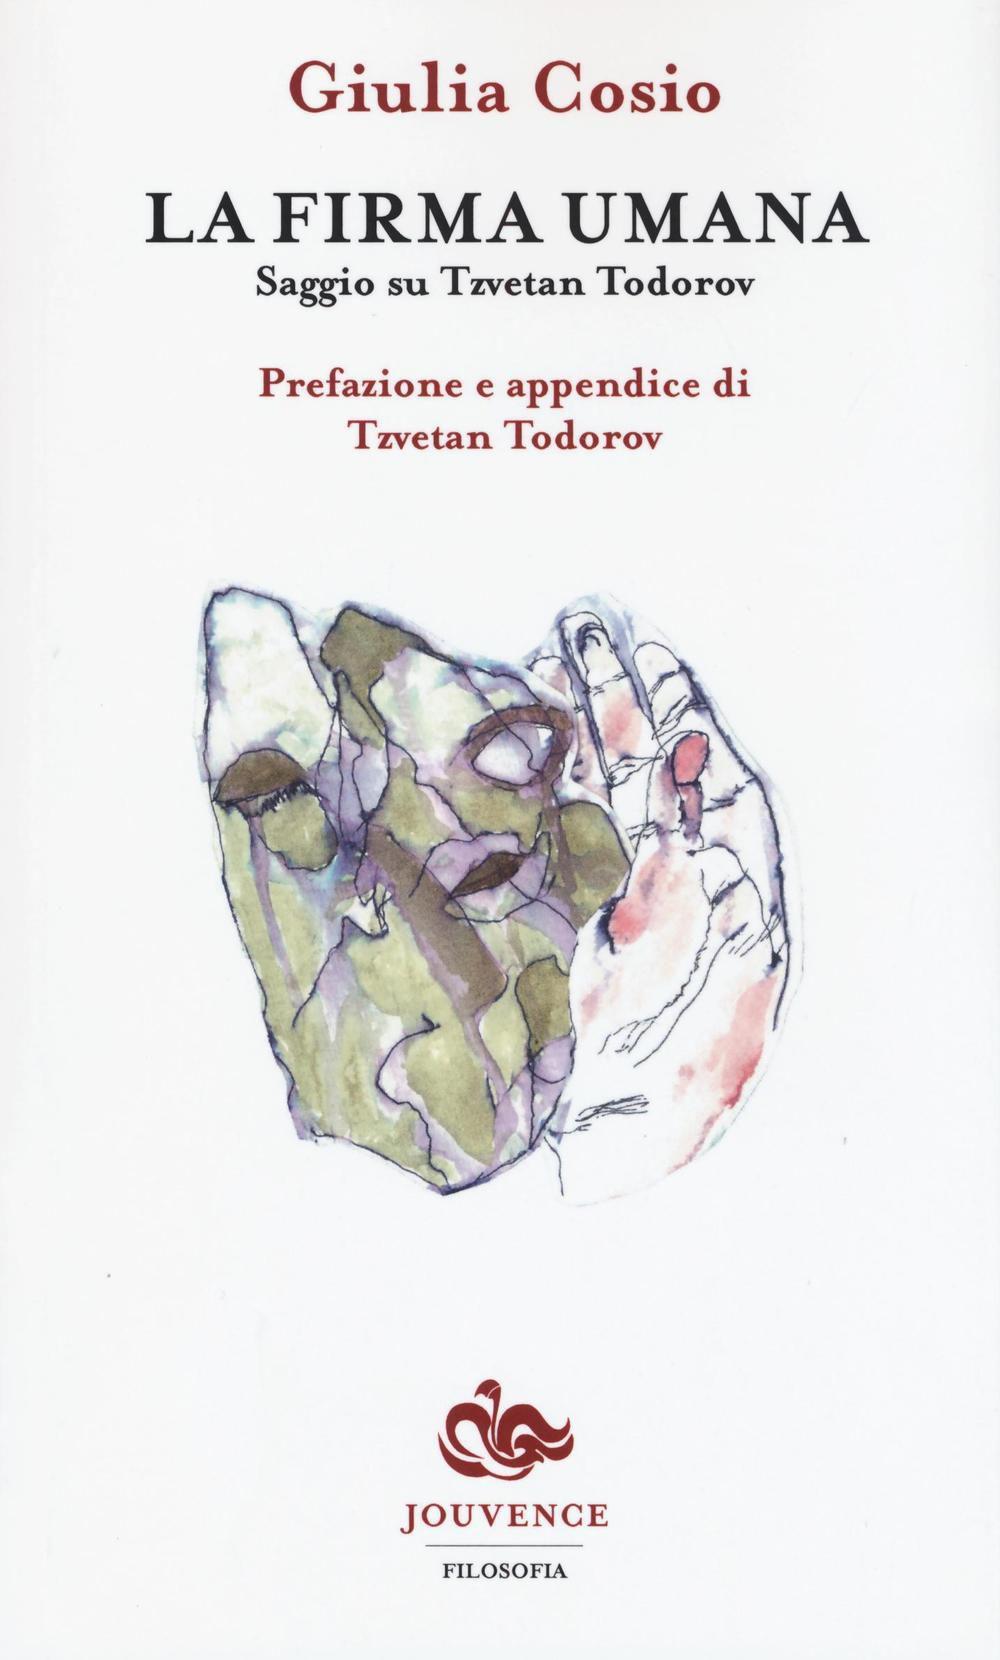 Giulia Cosio